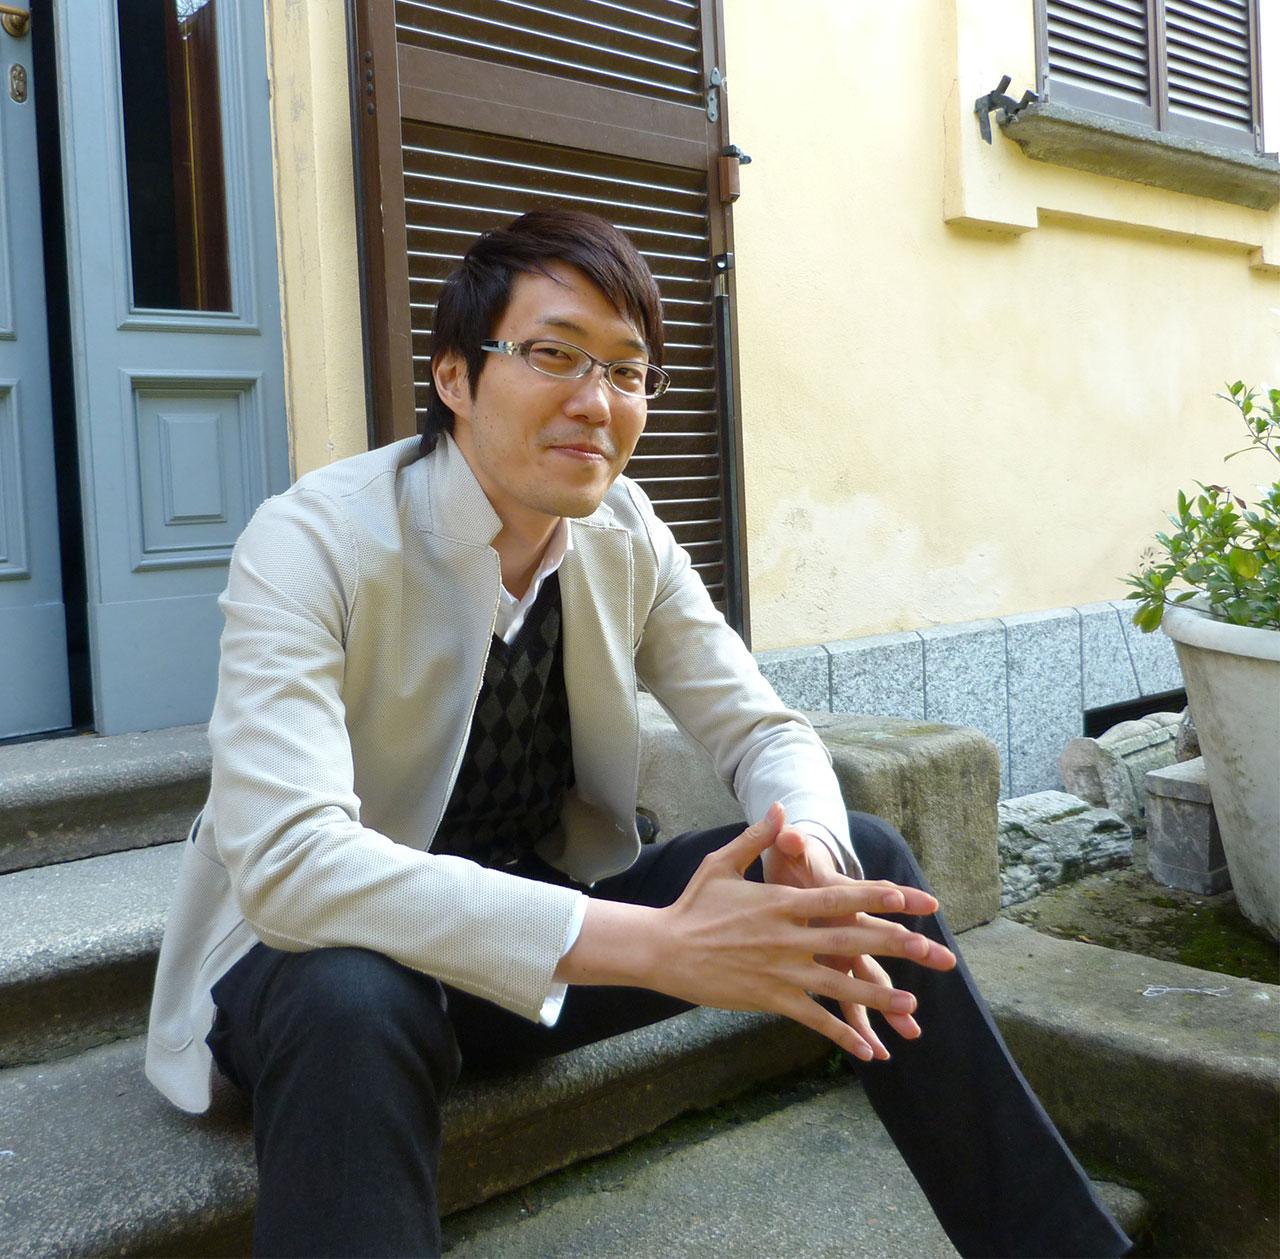 Milan 2013: Interview with Nendo's Oki Sato [VIDEO]